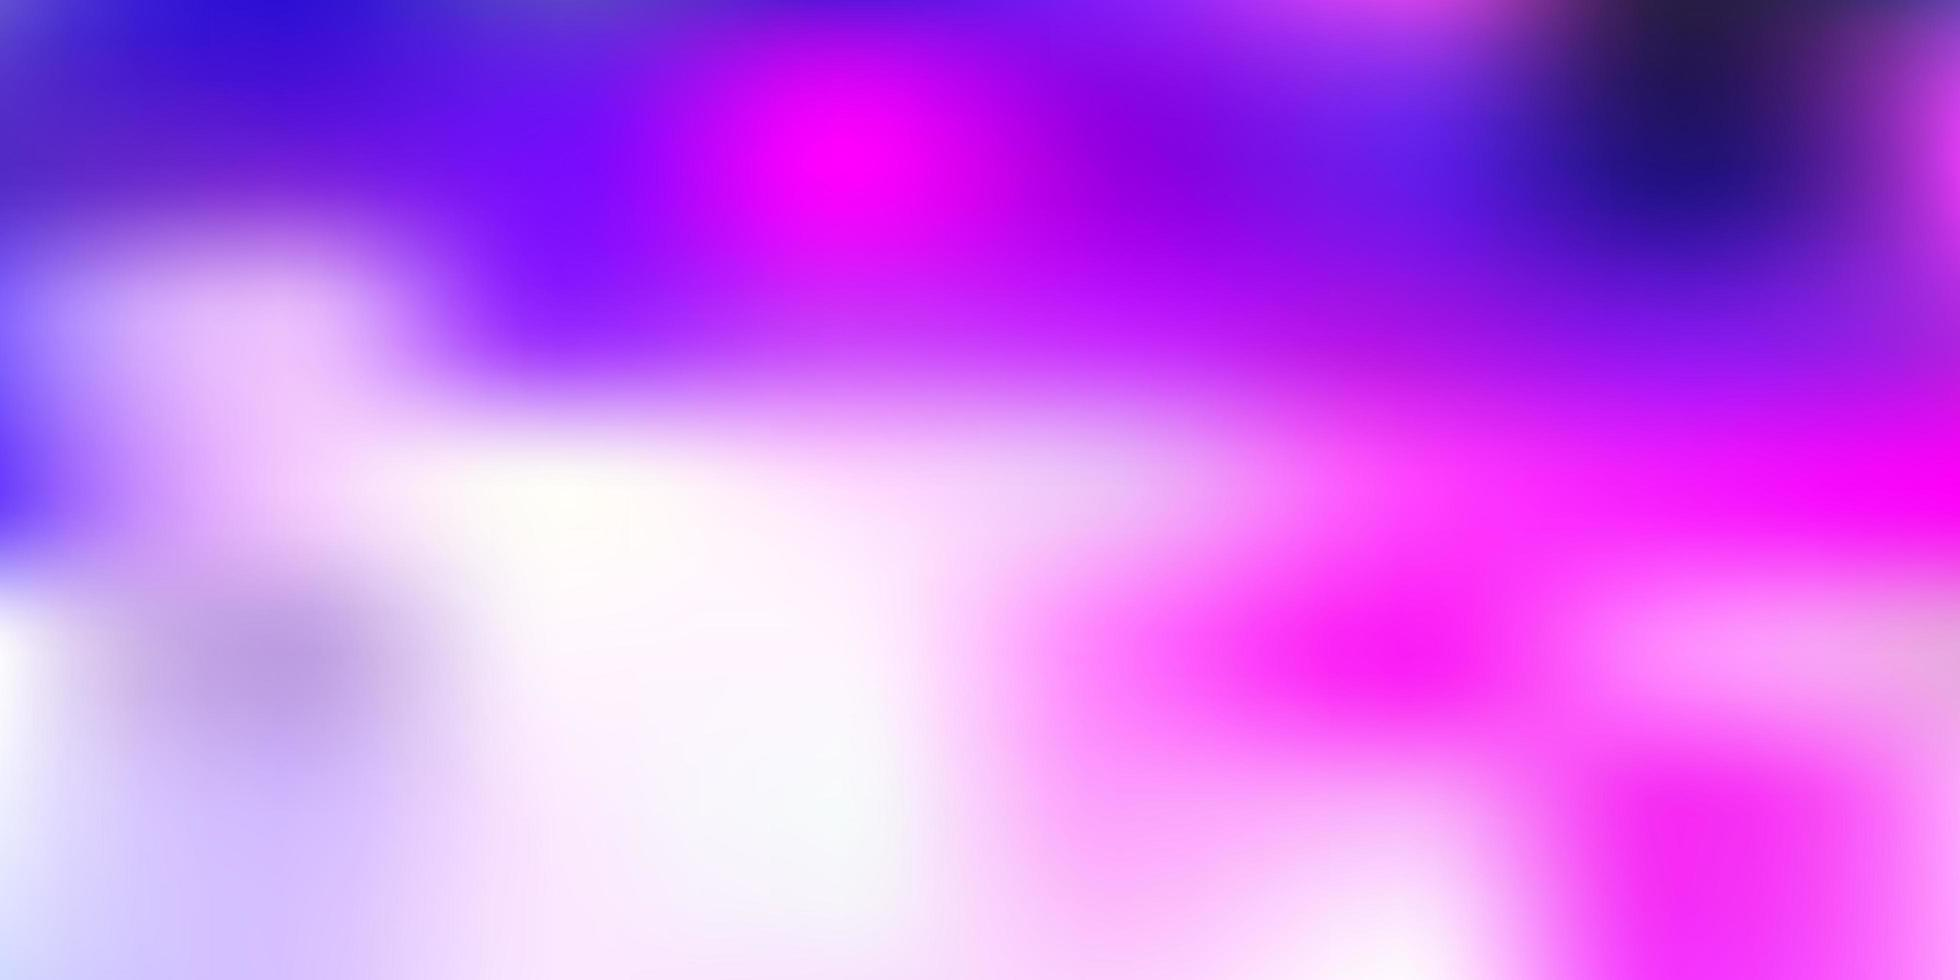 ljusrosa vektor abstrakt oskärpa mönster.